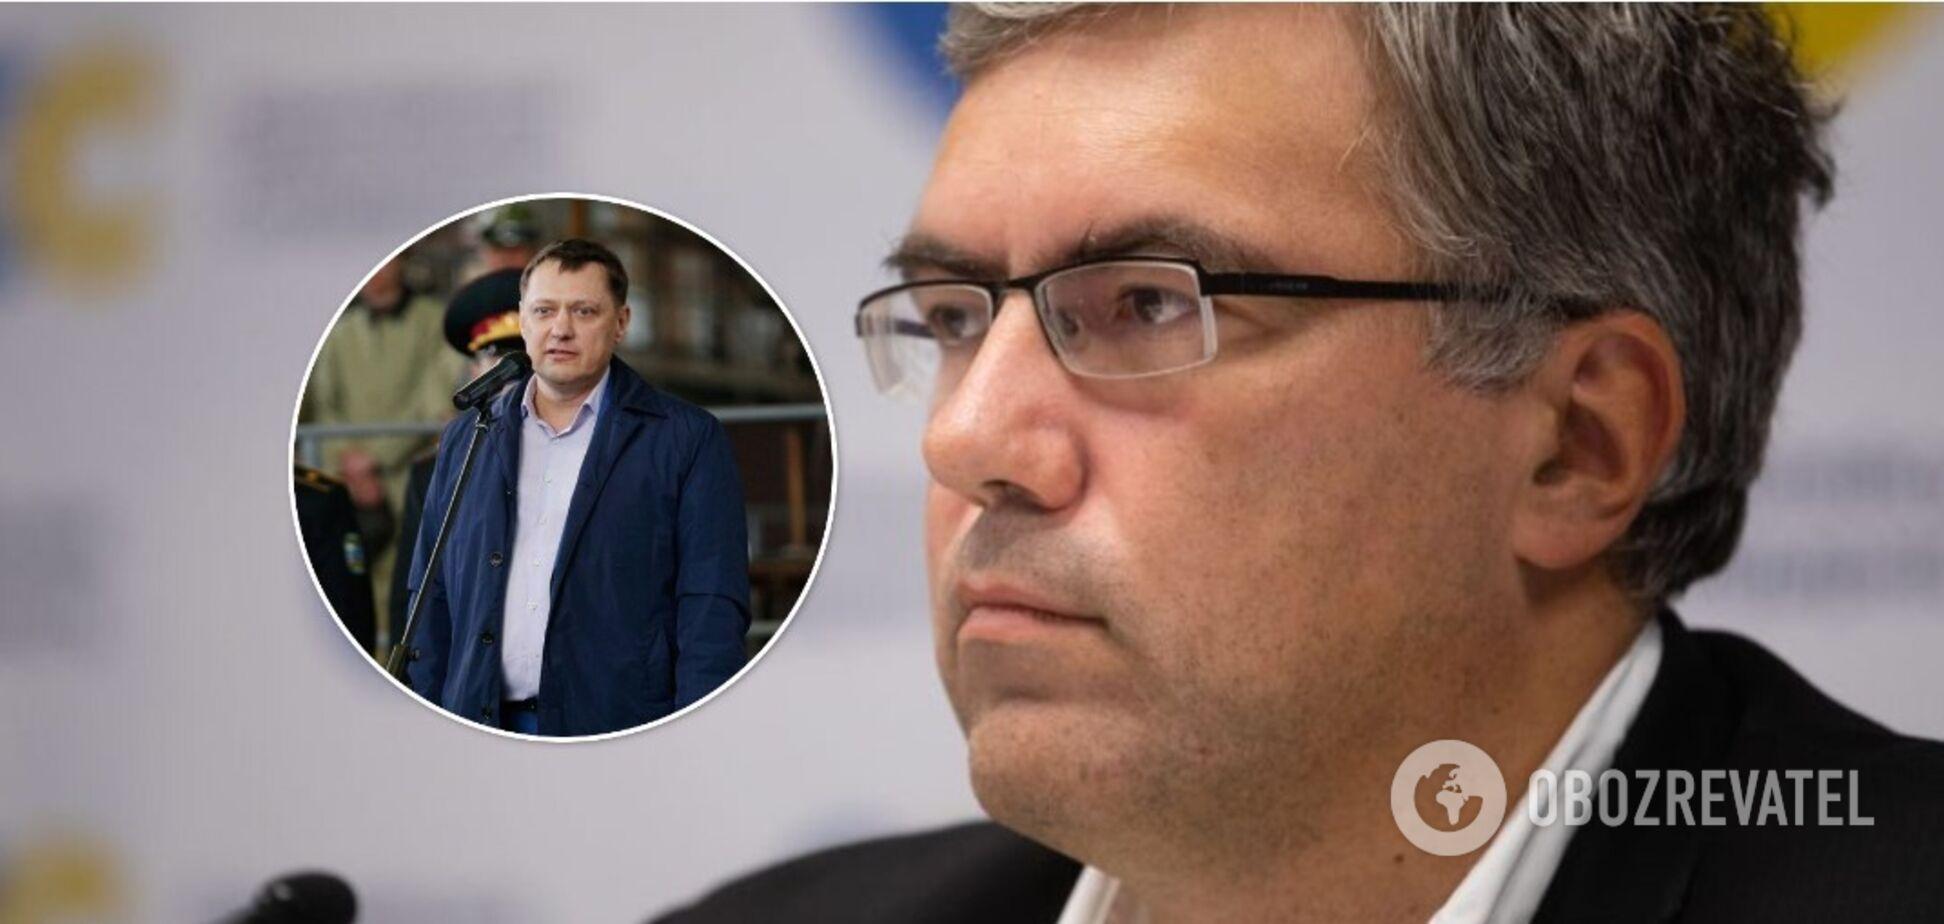 Павленко уверен, что вынесение залога в более 400 млн грн Шандре является пыткой